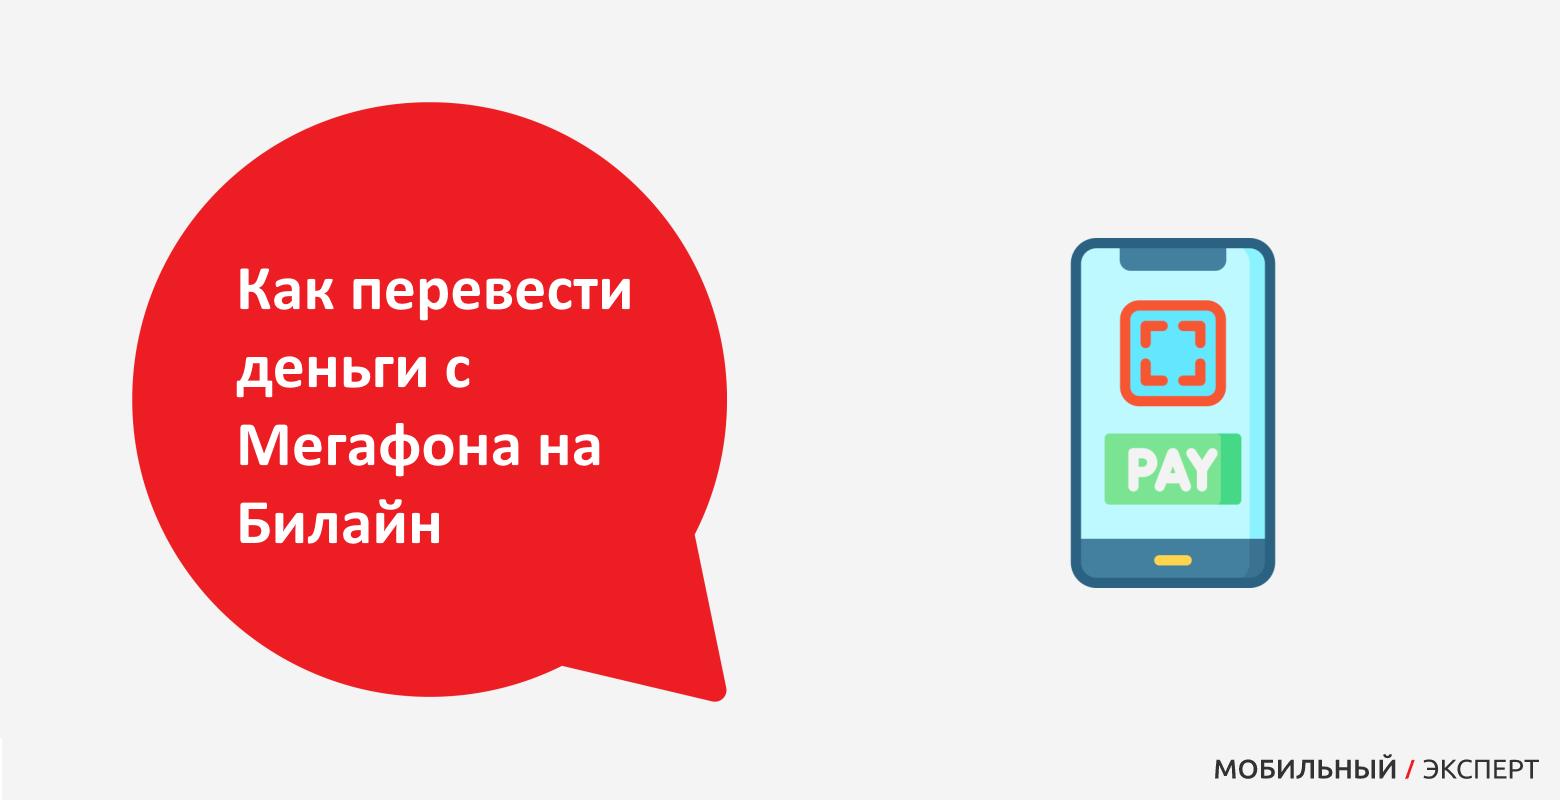 Перевод денег с Мегафона на Билайн